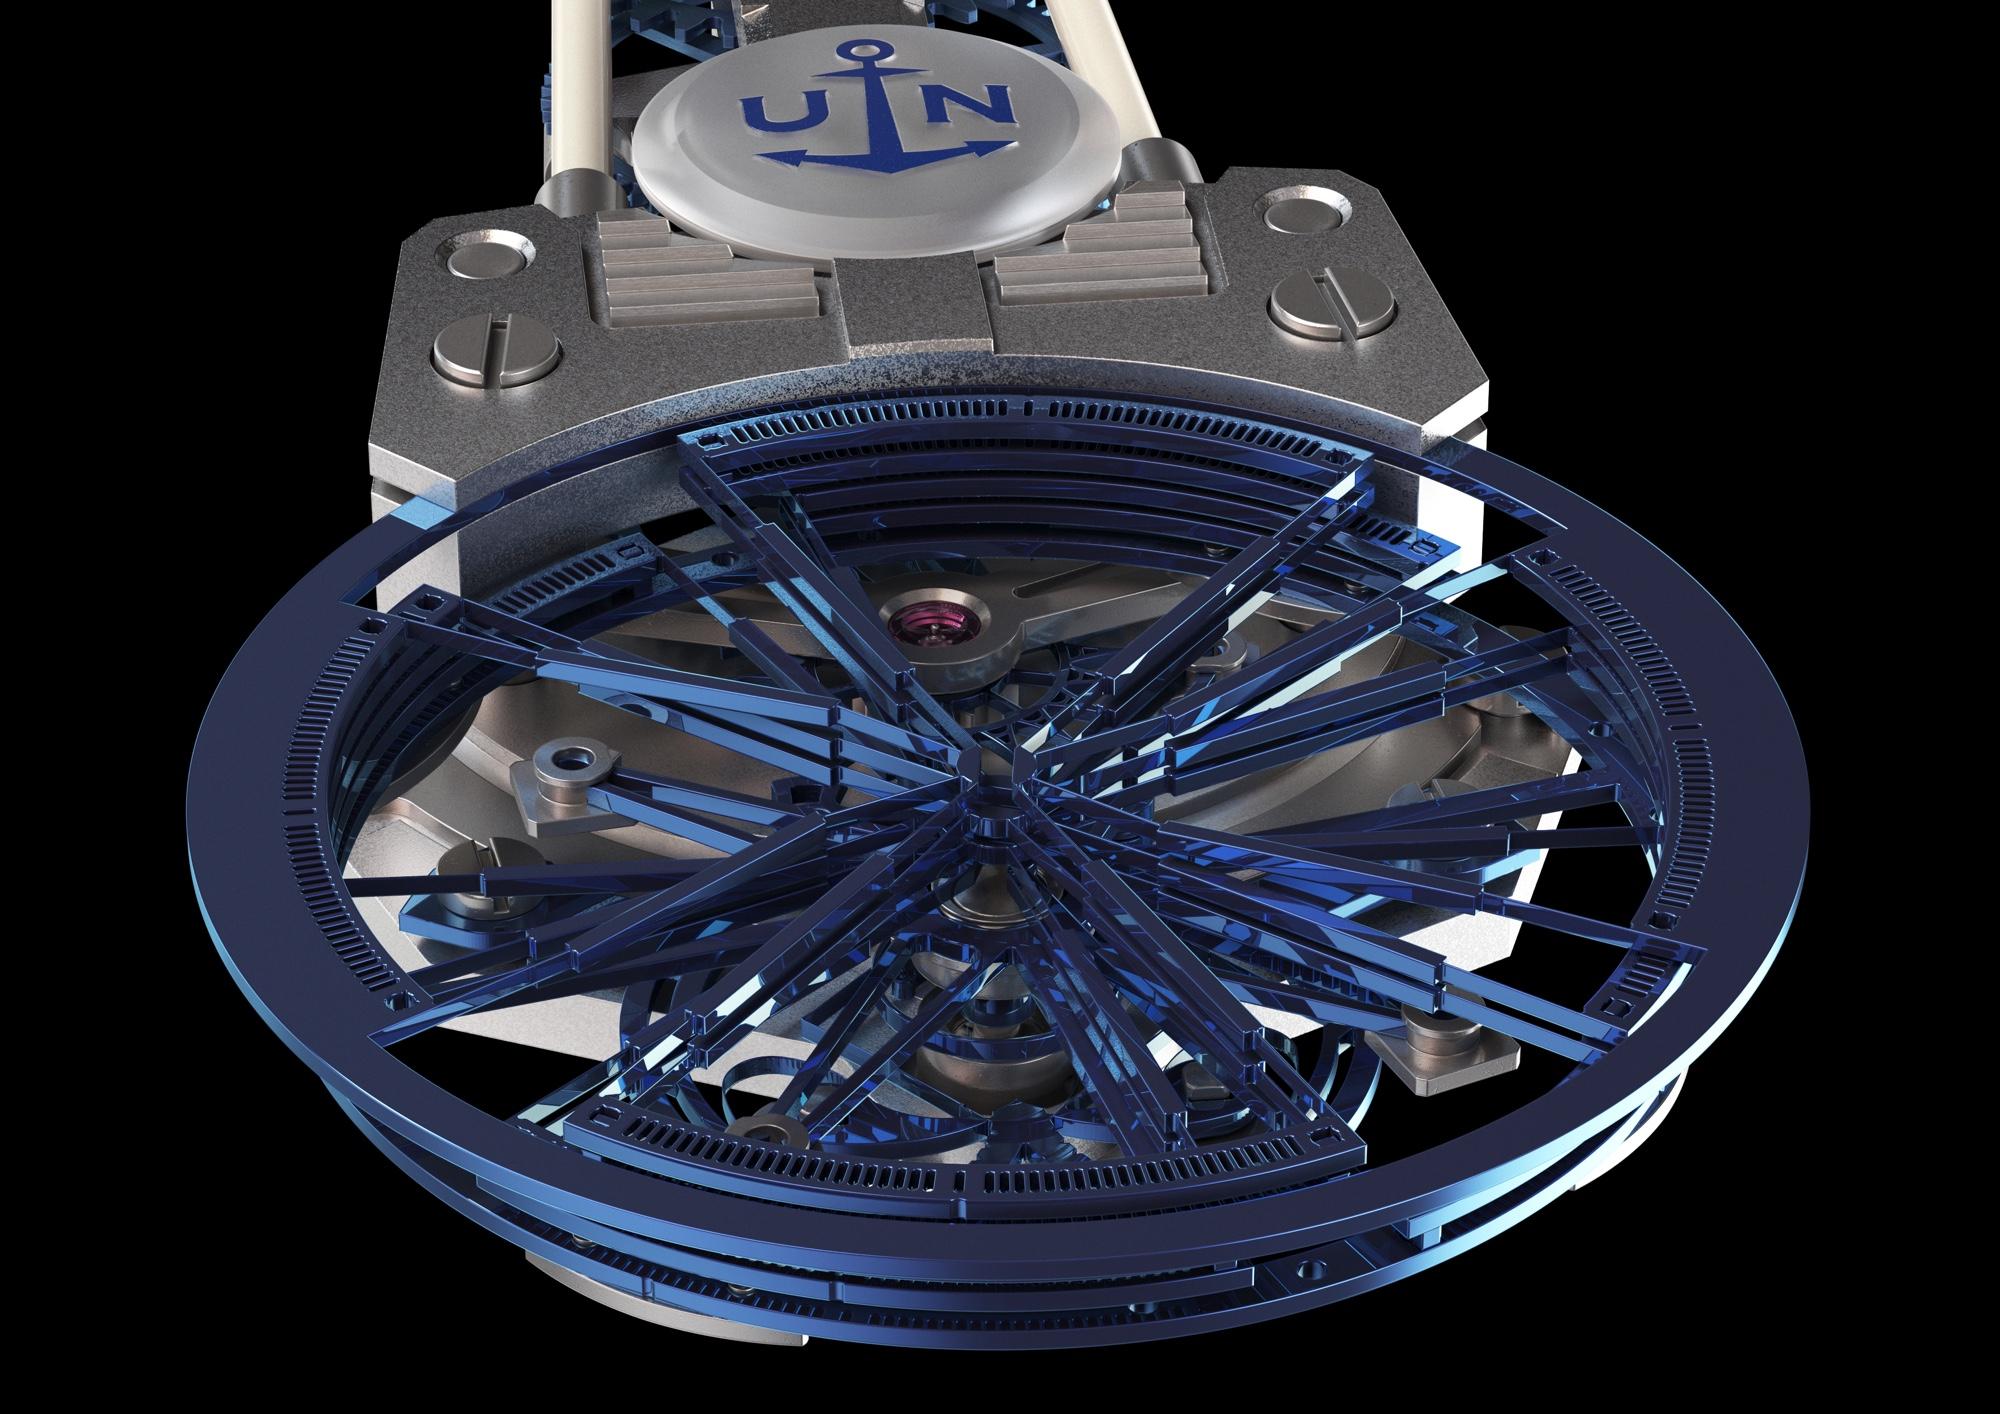 Ulysse Nardin Flying Oscillator